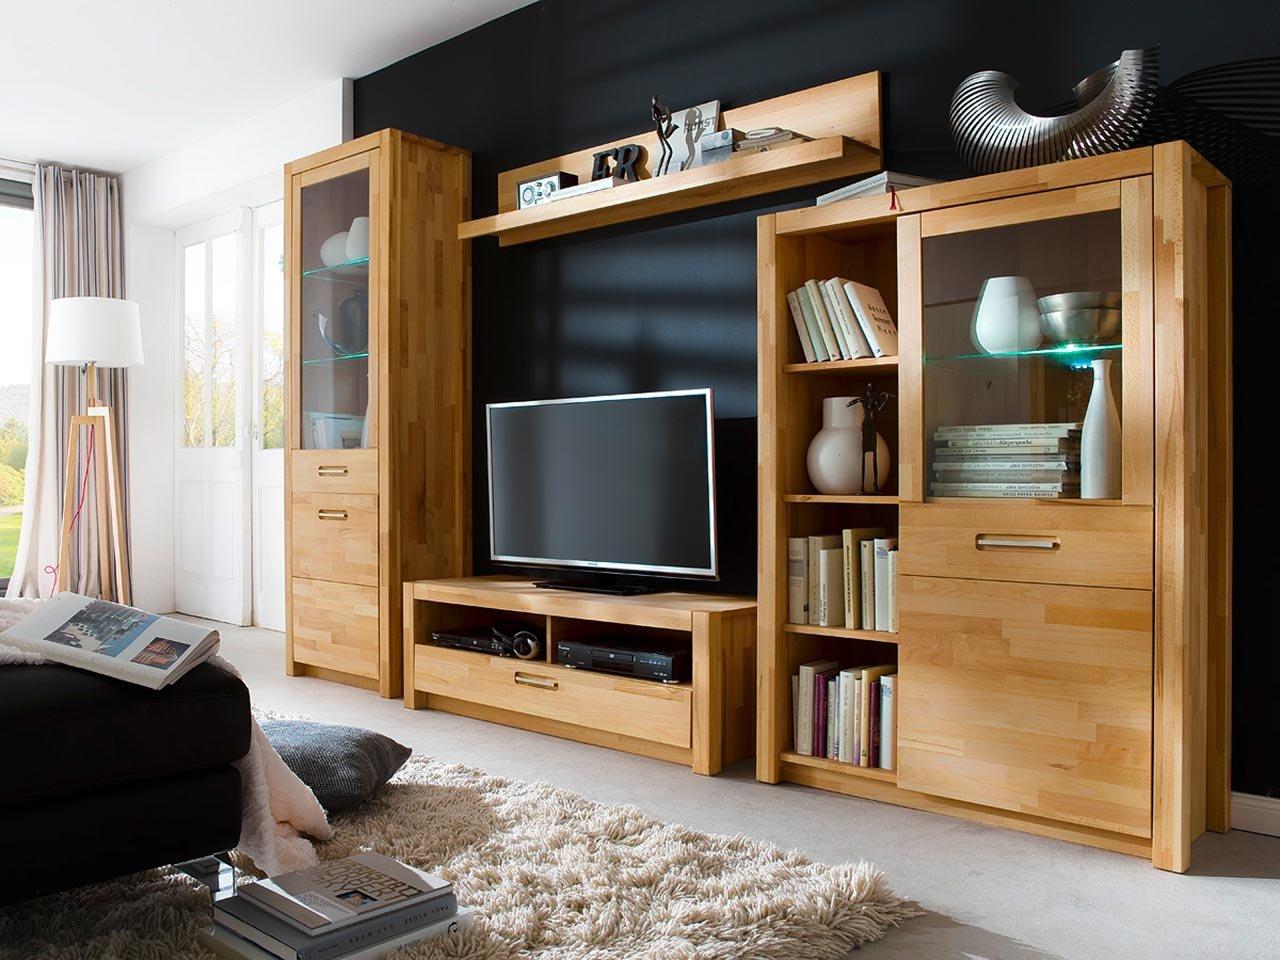 Wohnwand, Wohnzimmerschrank, Anbauwand, Schrankwand, Fernsehwand ...